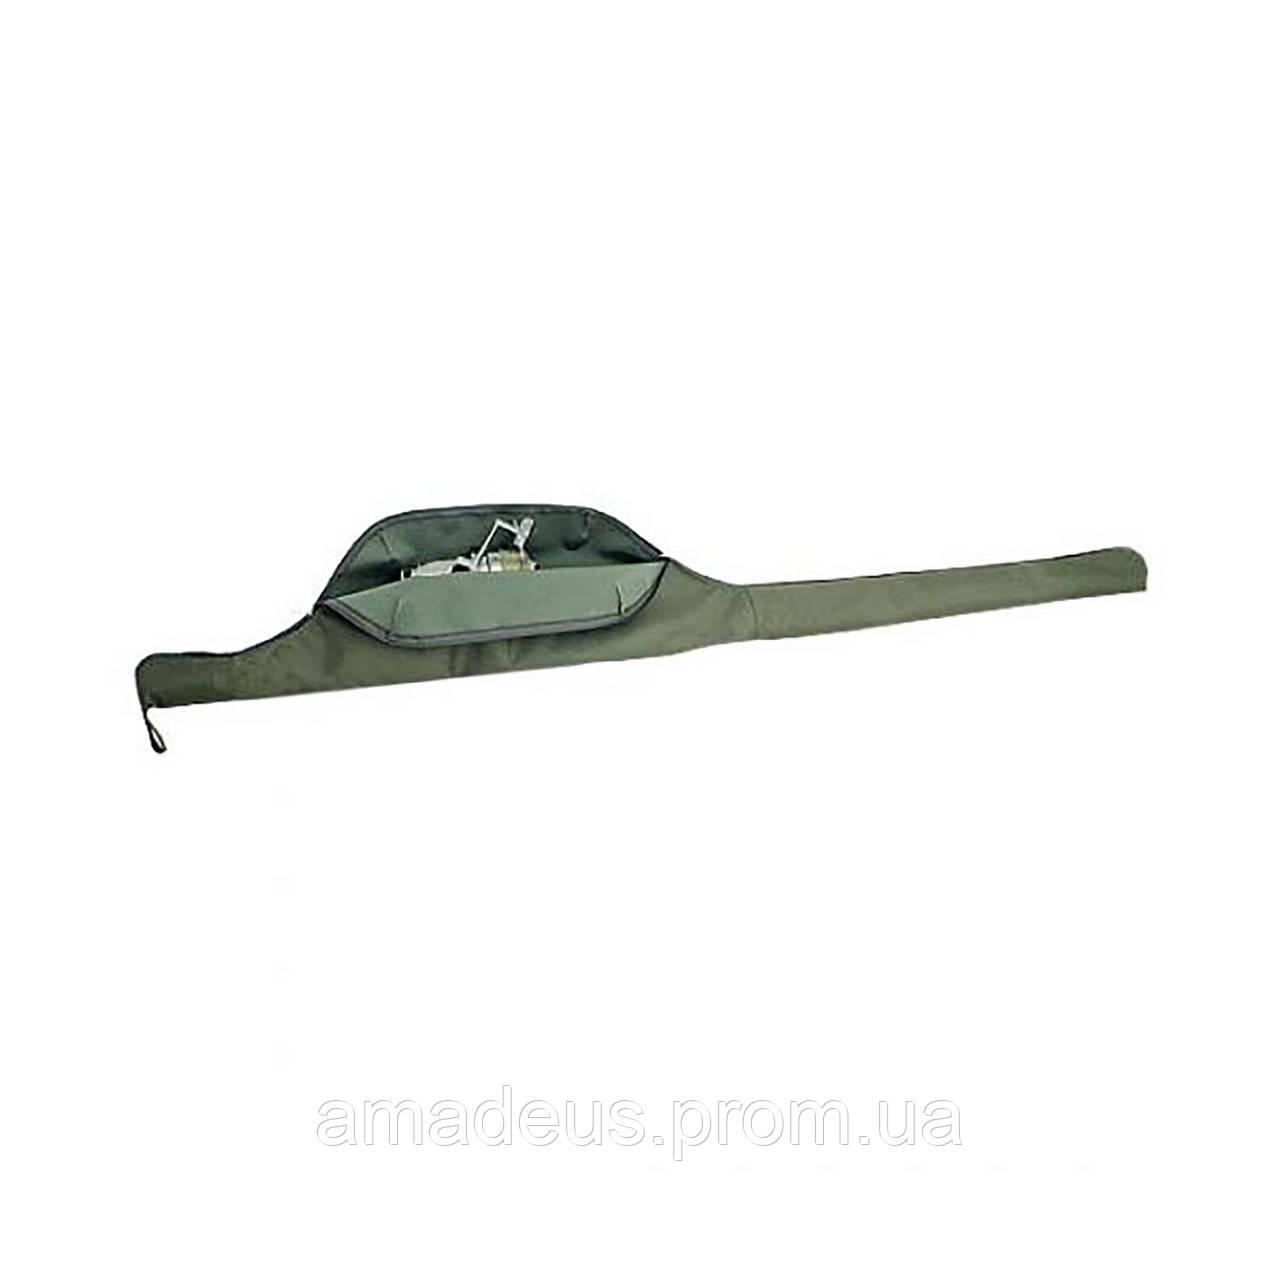 Мягкий футляр для карпового удилища с катушкой КВ-5б